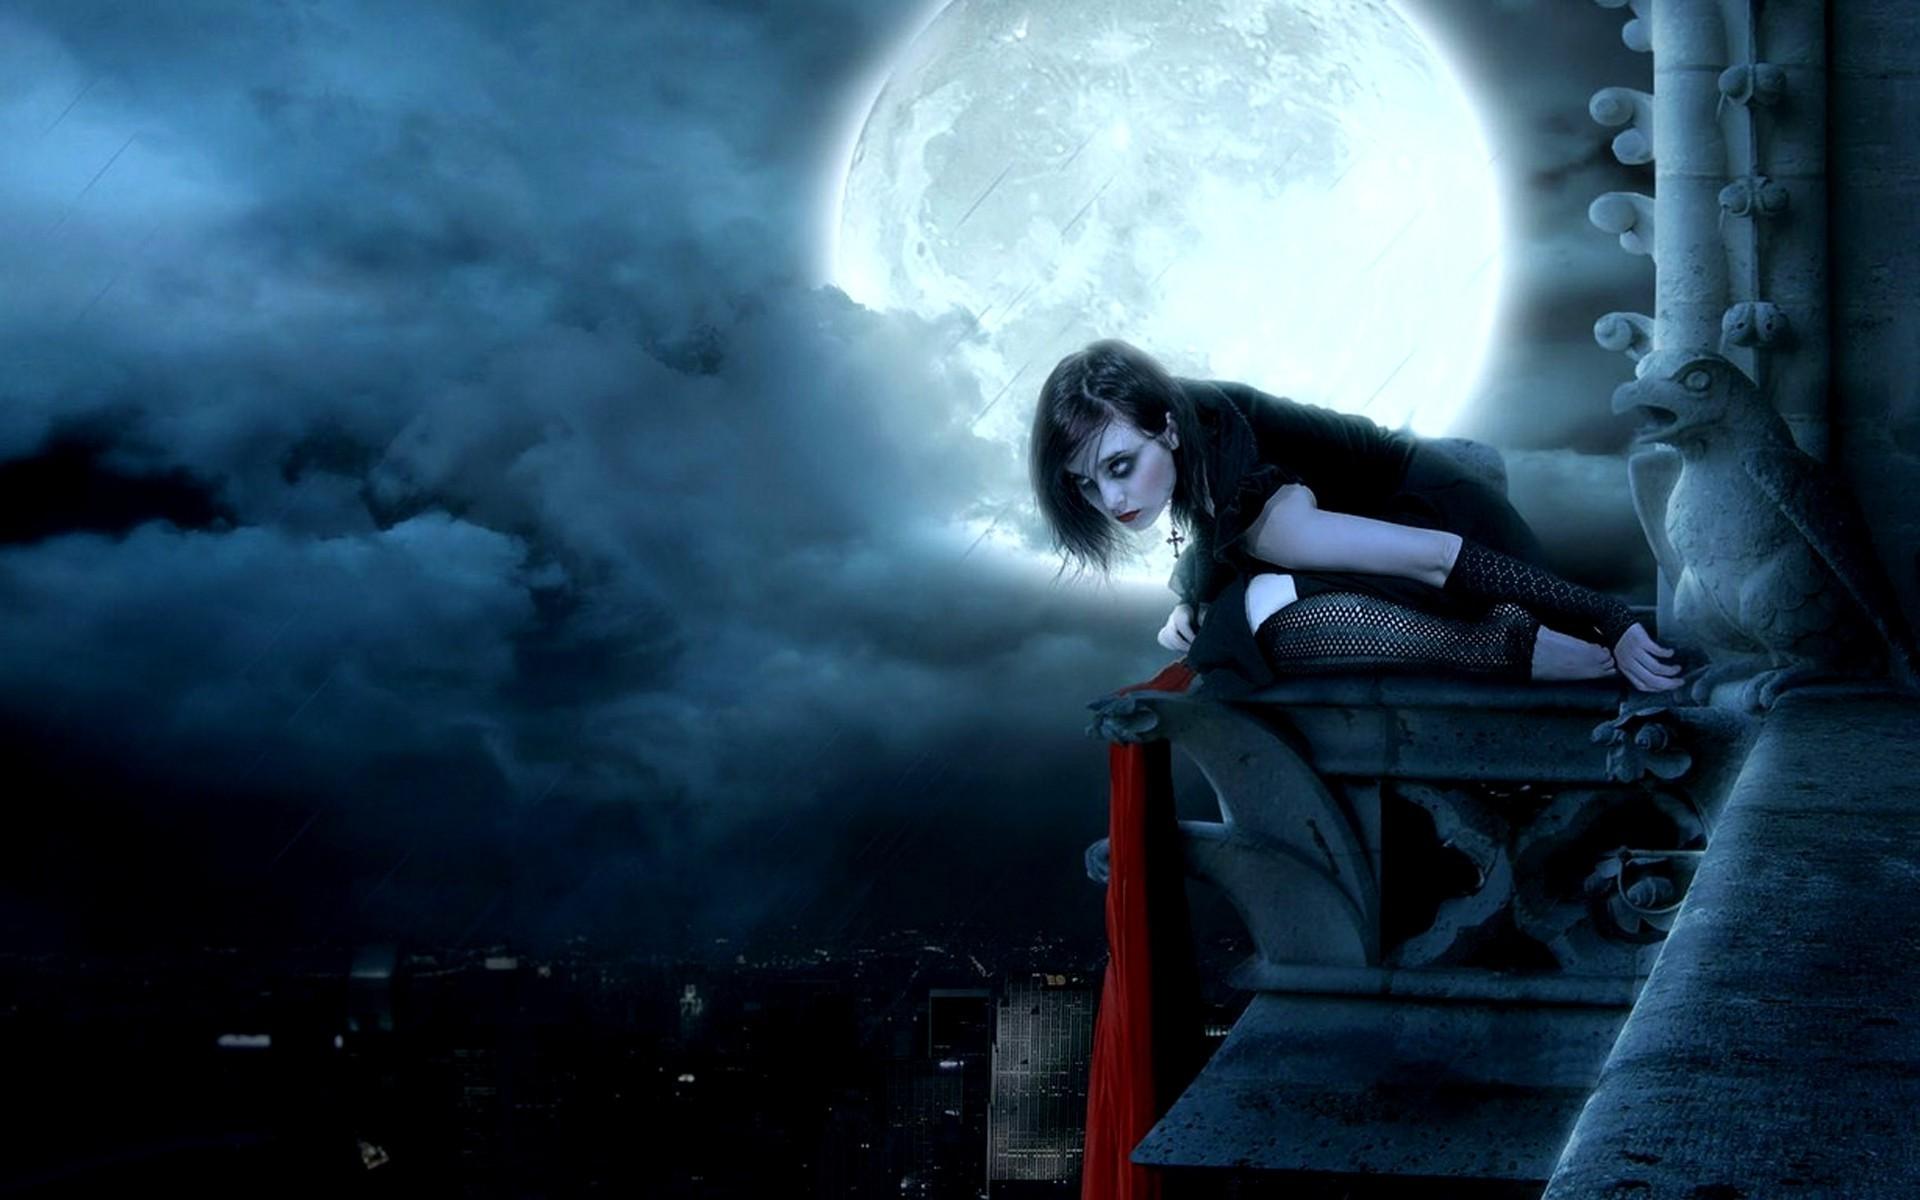 Cat Black Gothique